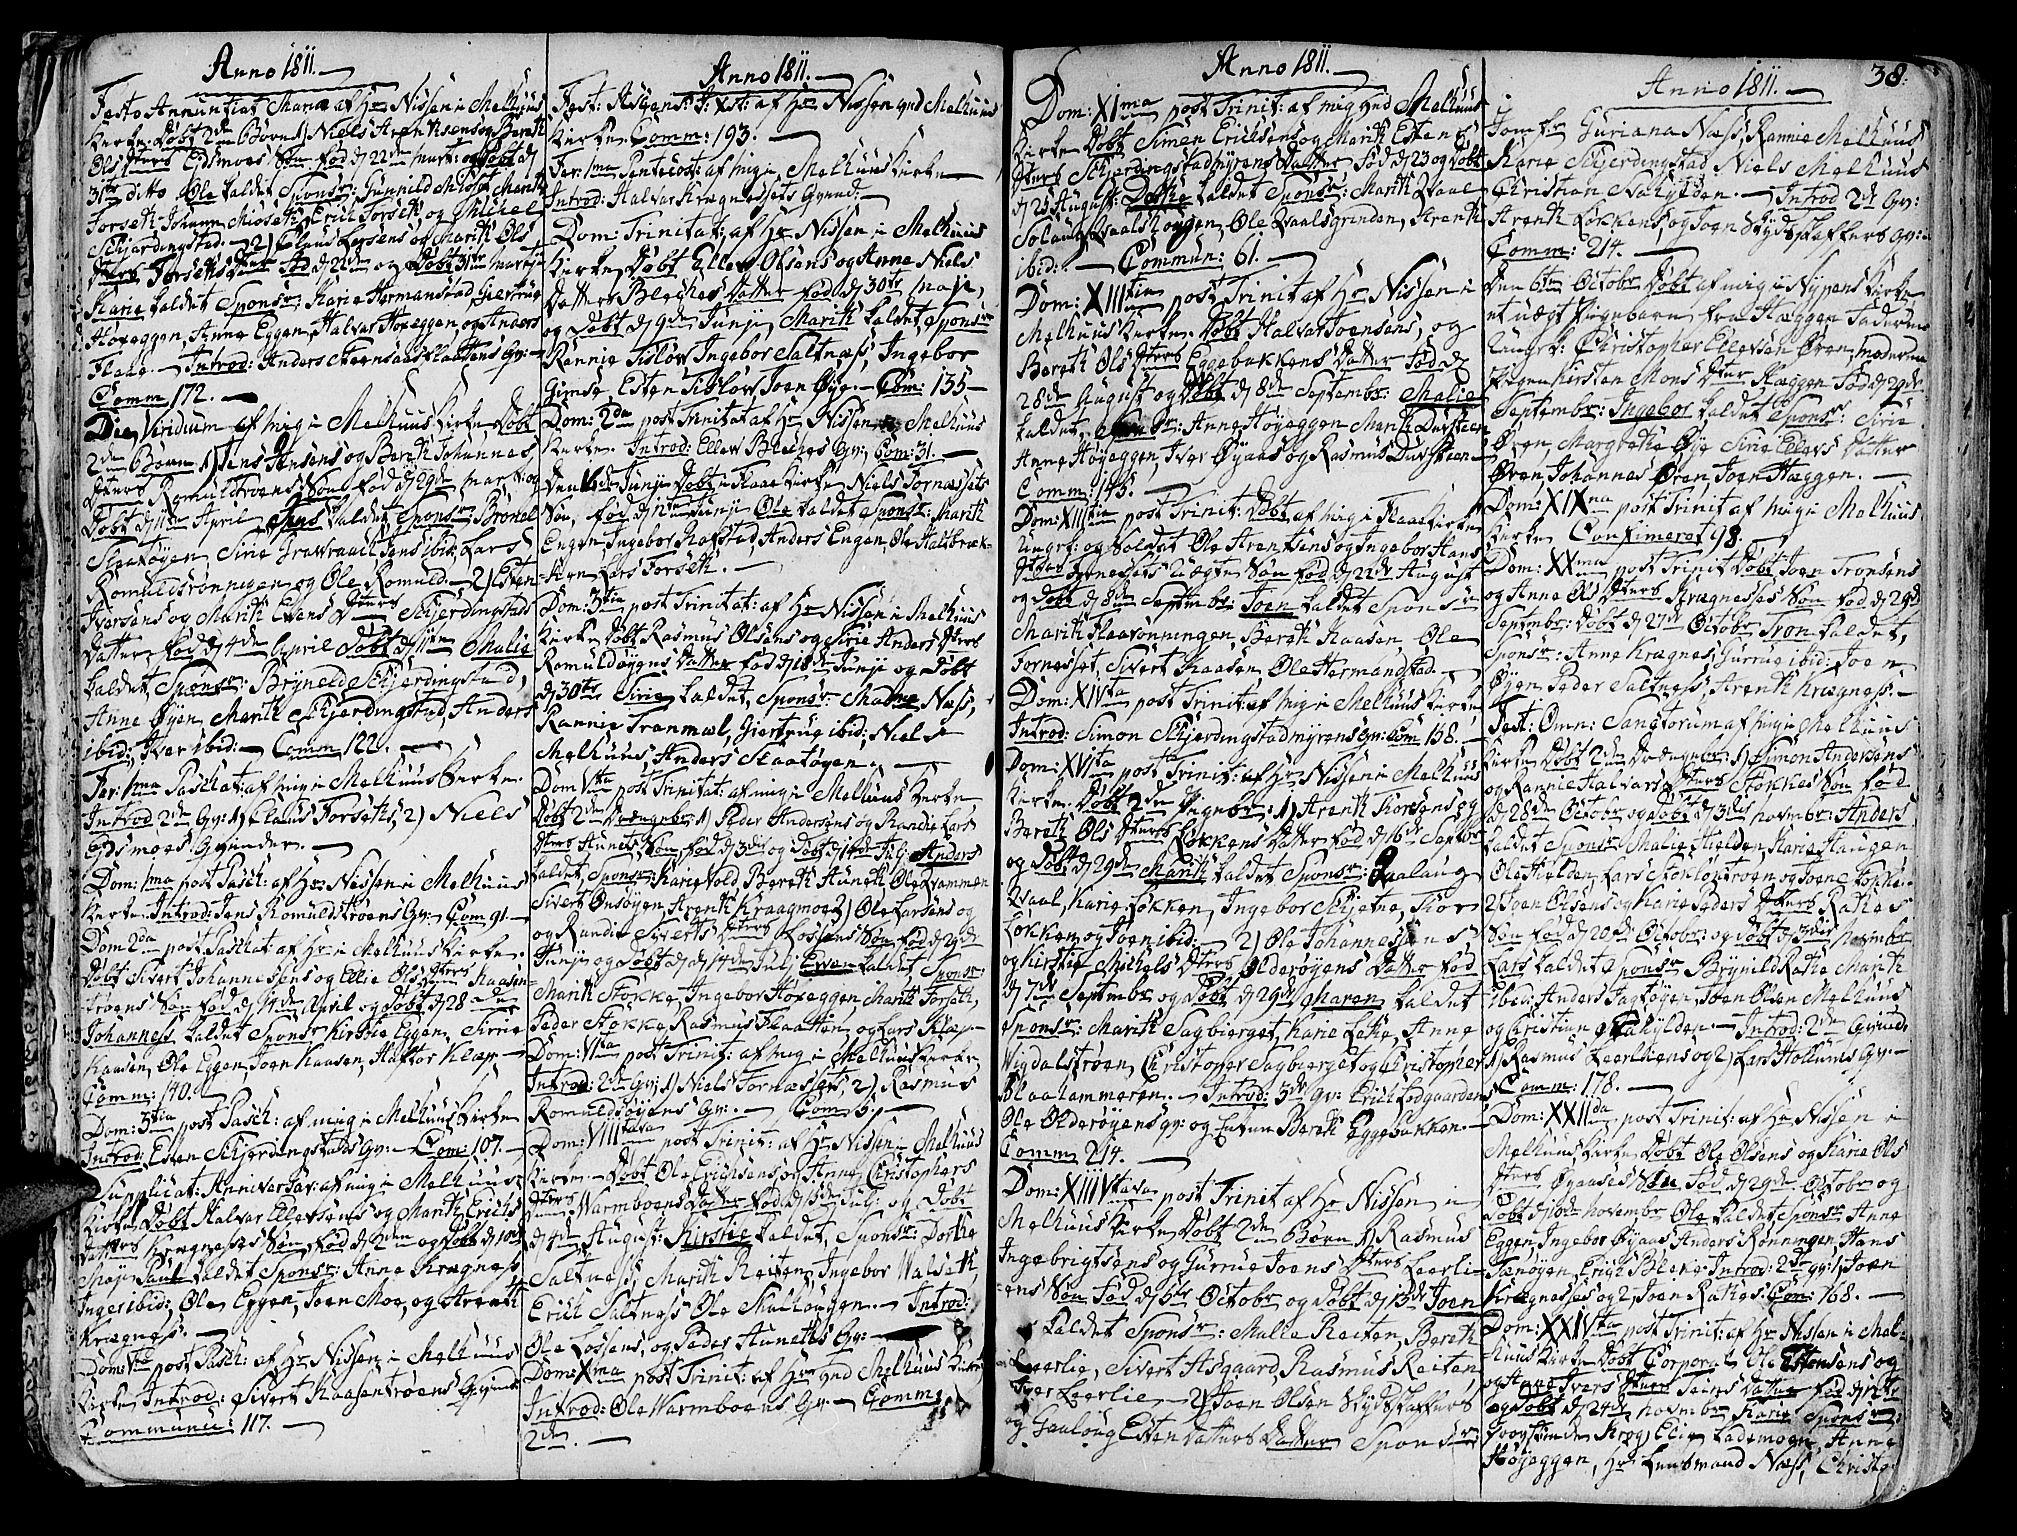 SAT, Ministerialprotokoller, klokkerbøker og fødselsregistre - Sør-Trøndelag, 691/L1061: Ministerialbok nr. 691A02 /1, 1768-1815, s. 38